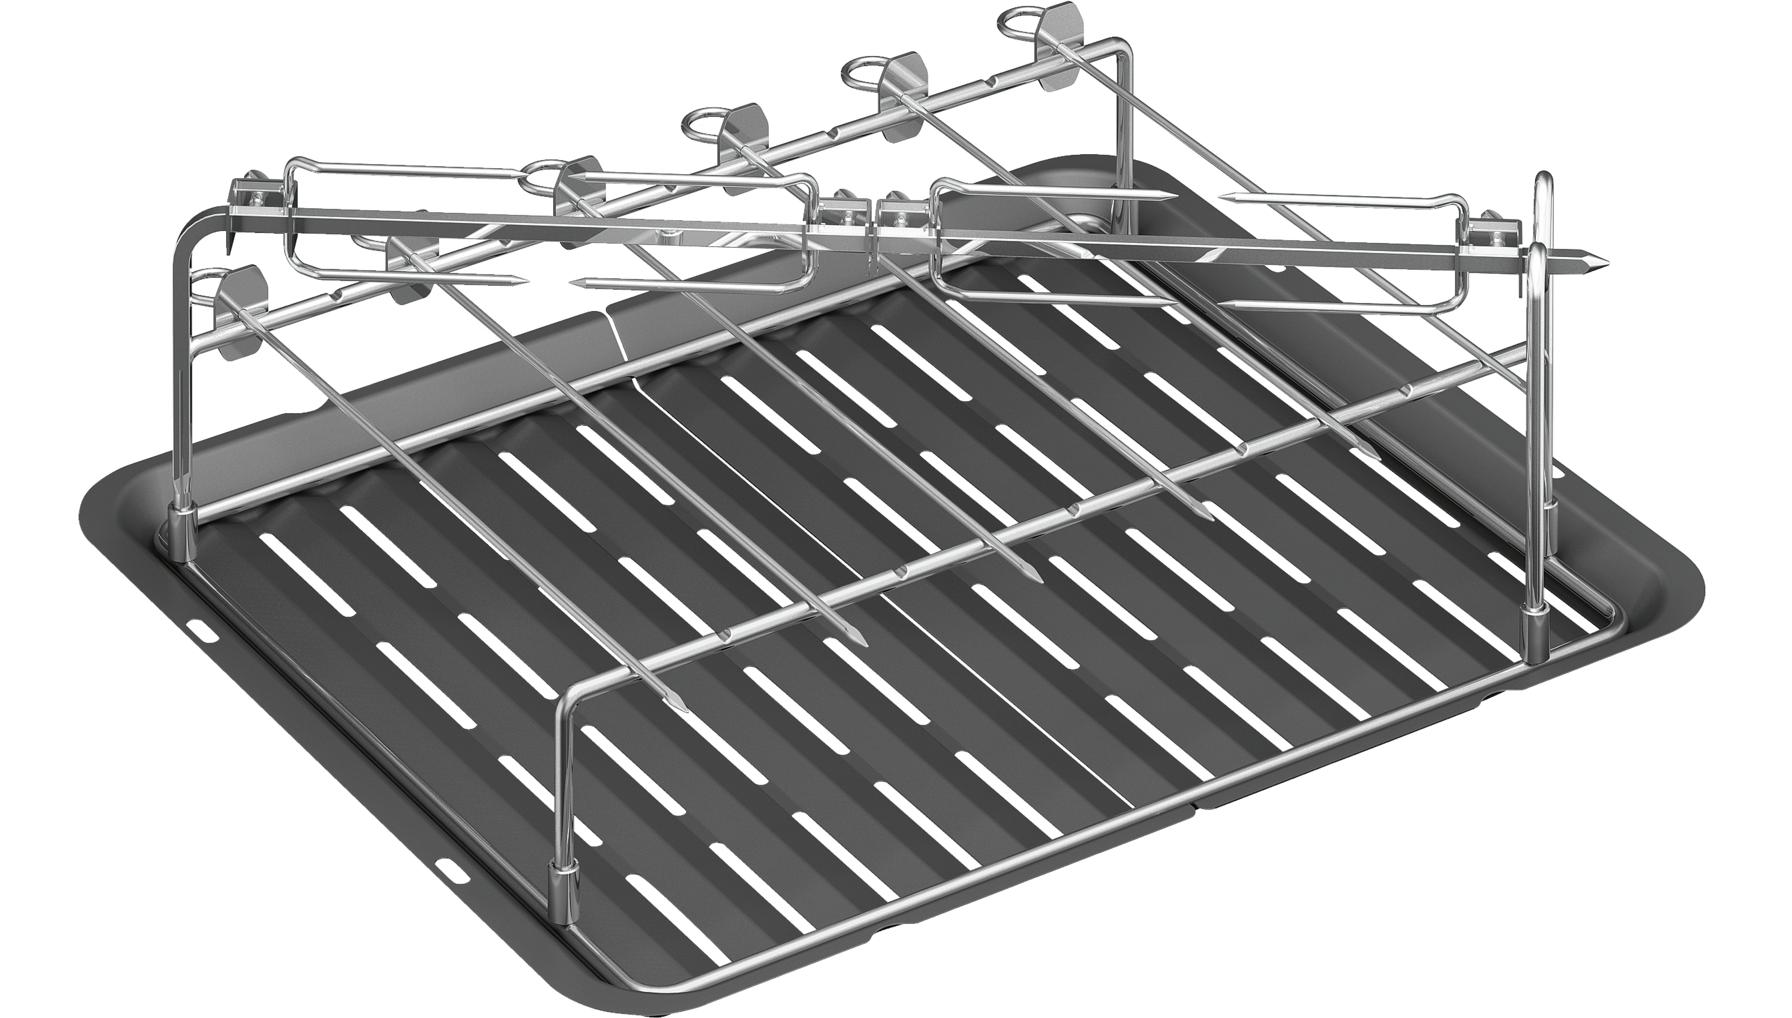 Neff - PRODUKTE - Dampfgarer - Backofen mit